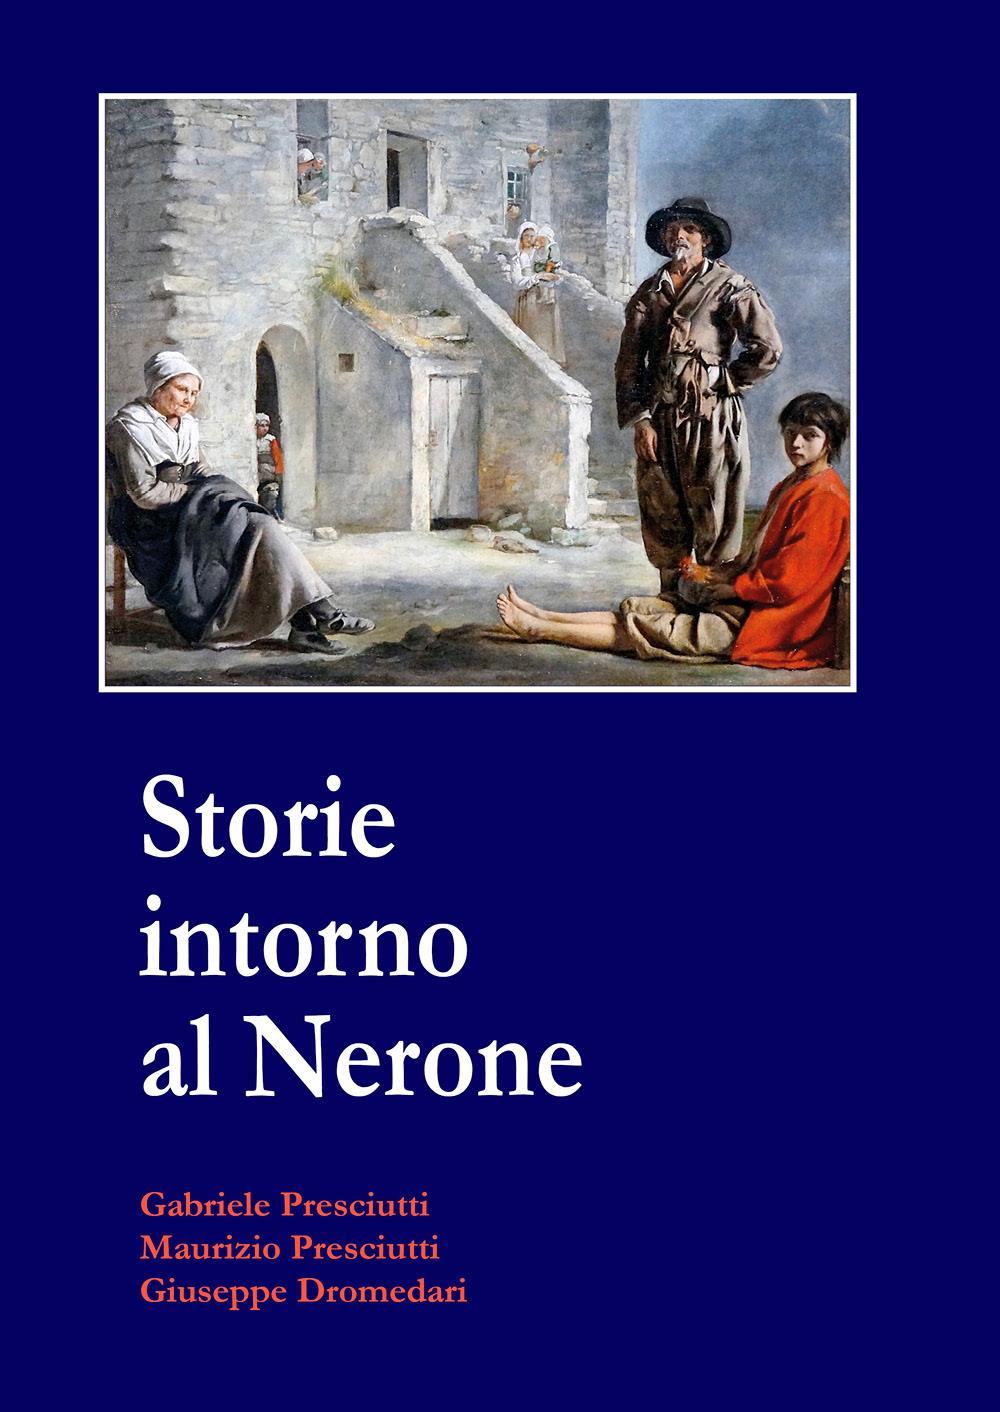 Storie intorno al Nerone